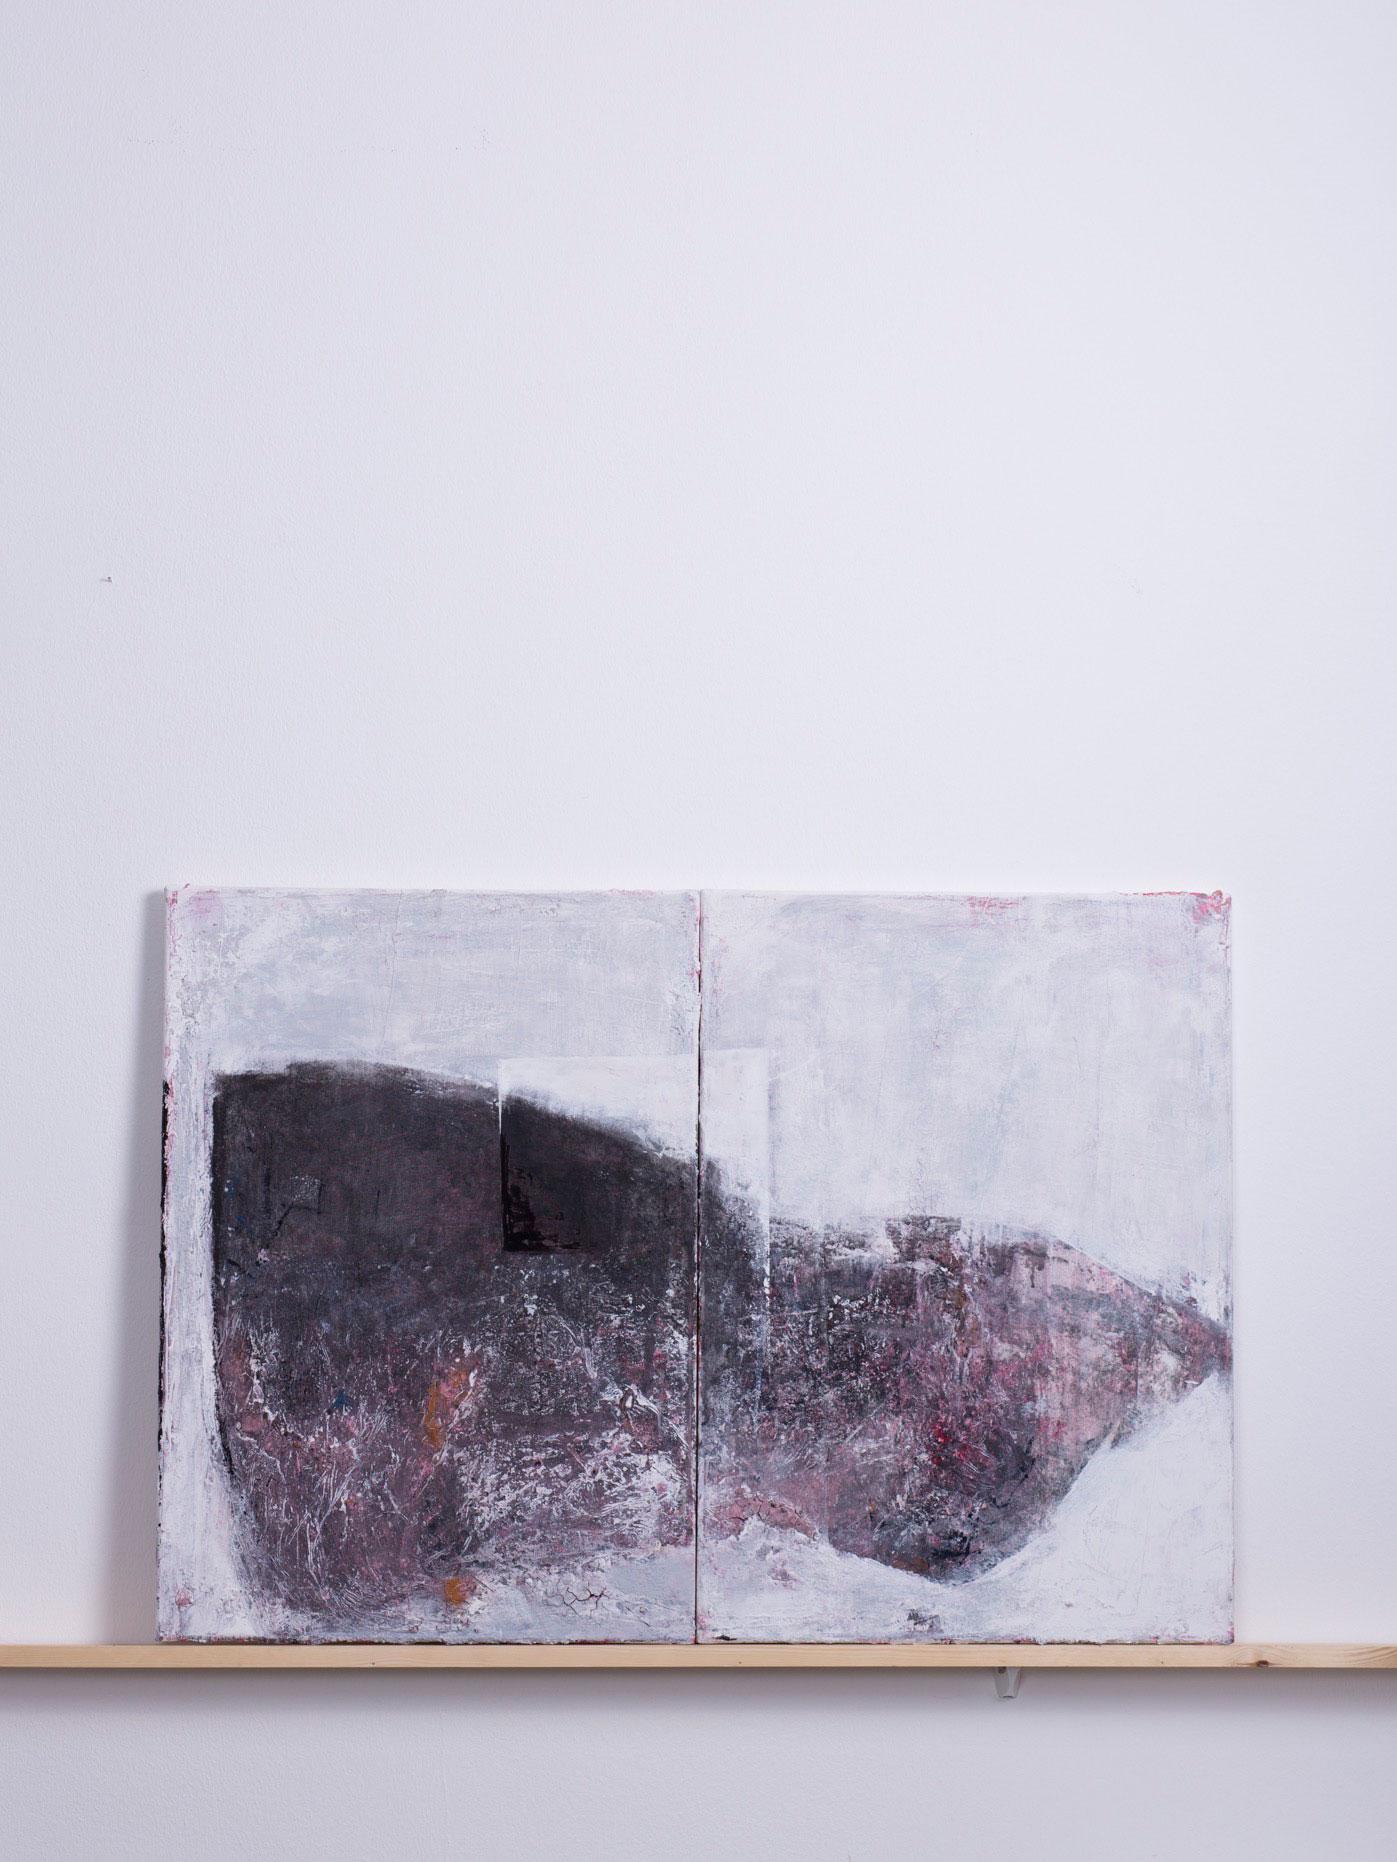 Adelaun, 2014 - 100x70 cm, <br>Acryl und Spachtel auf Doppelleinwand